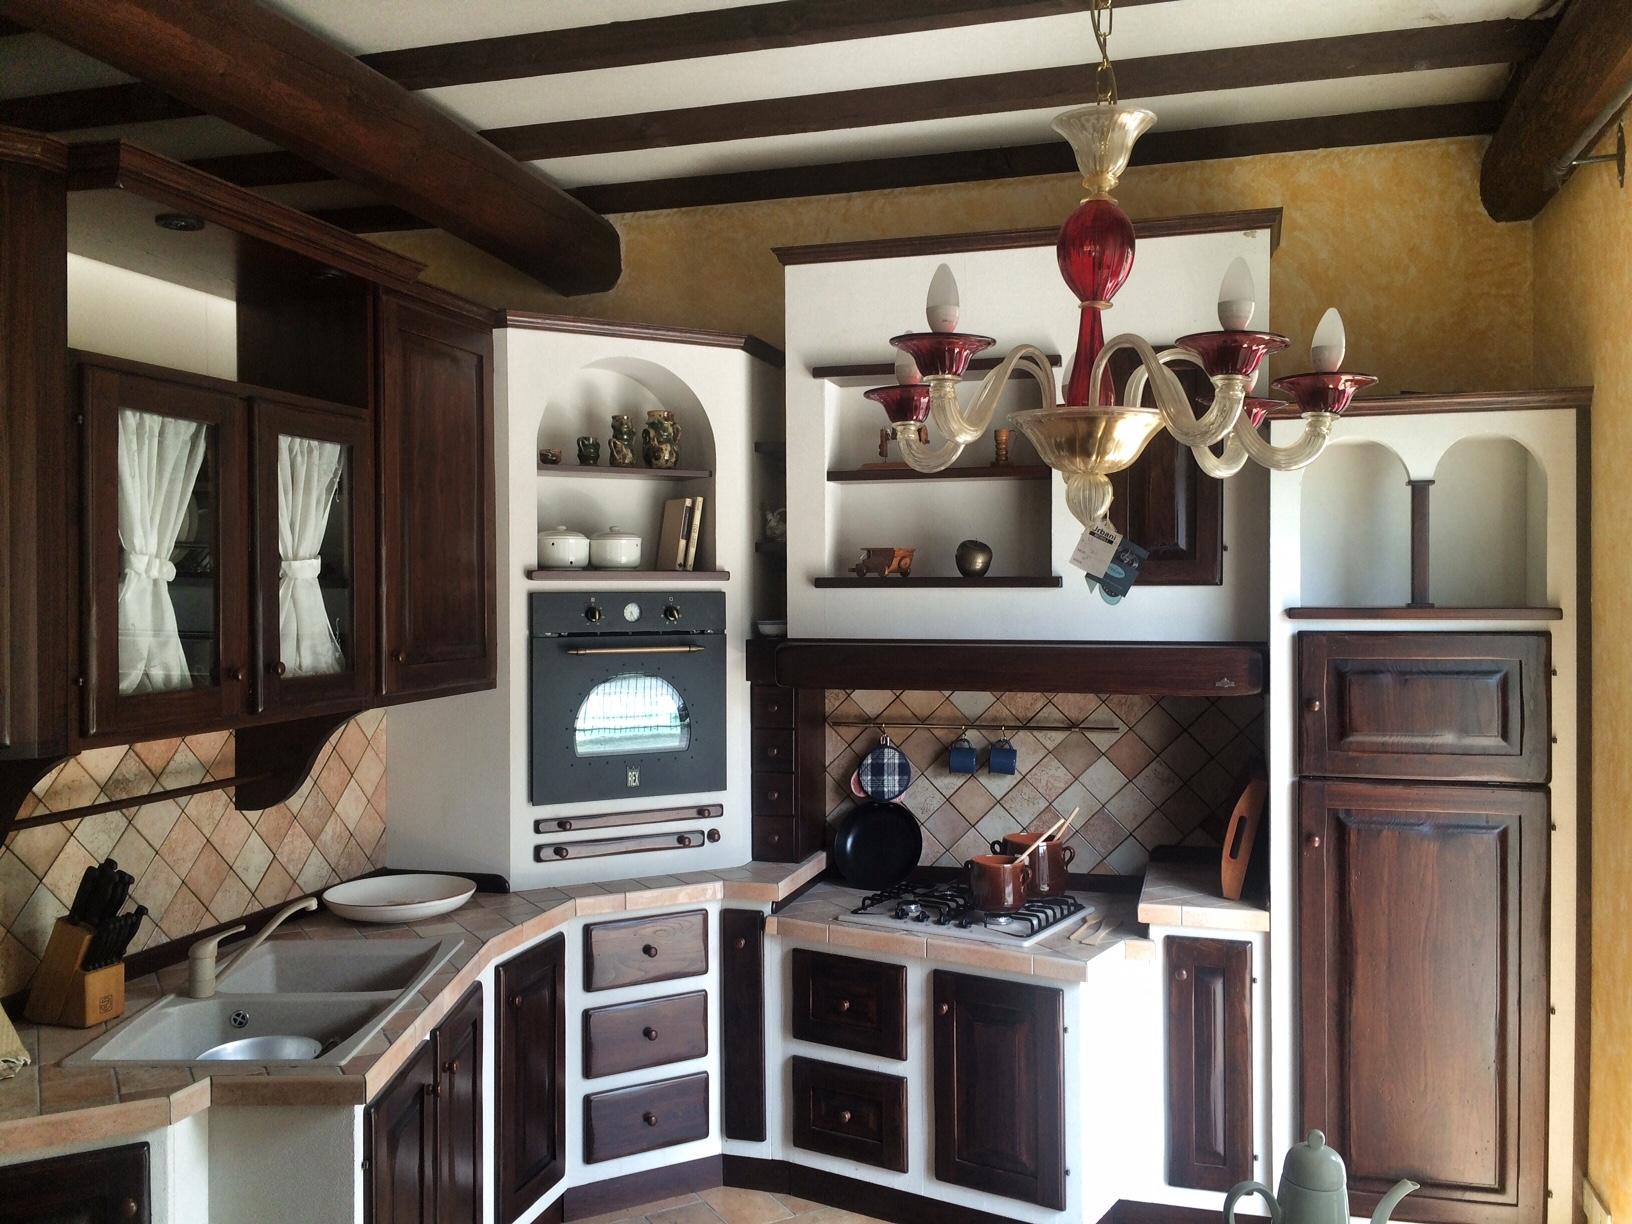 Cucine ad angolo zappalorto a prezzi scontati cucine a for Esempi di cucine in muratura